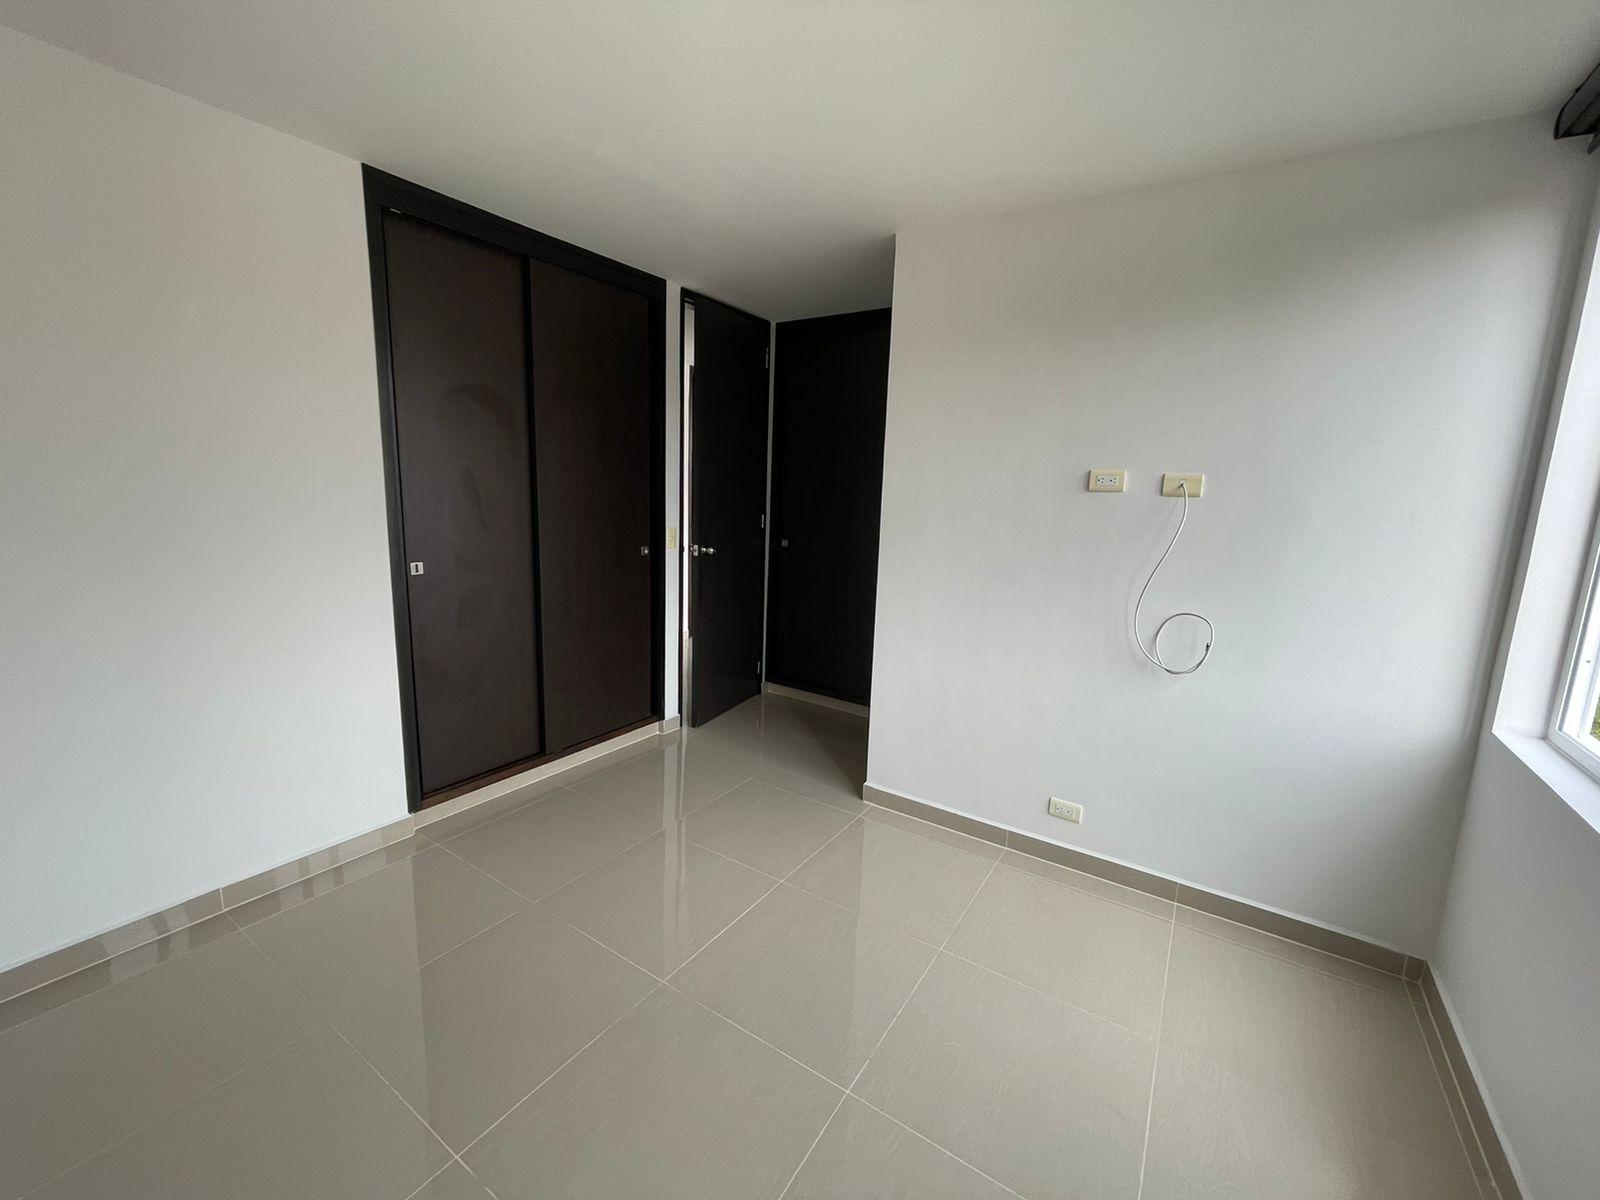 Apartamento en Medellin 141424, foto 1